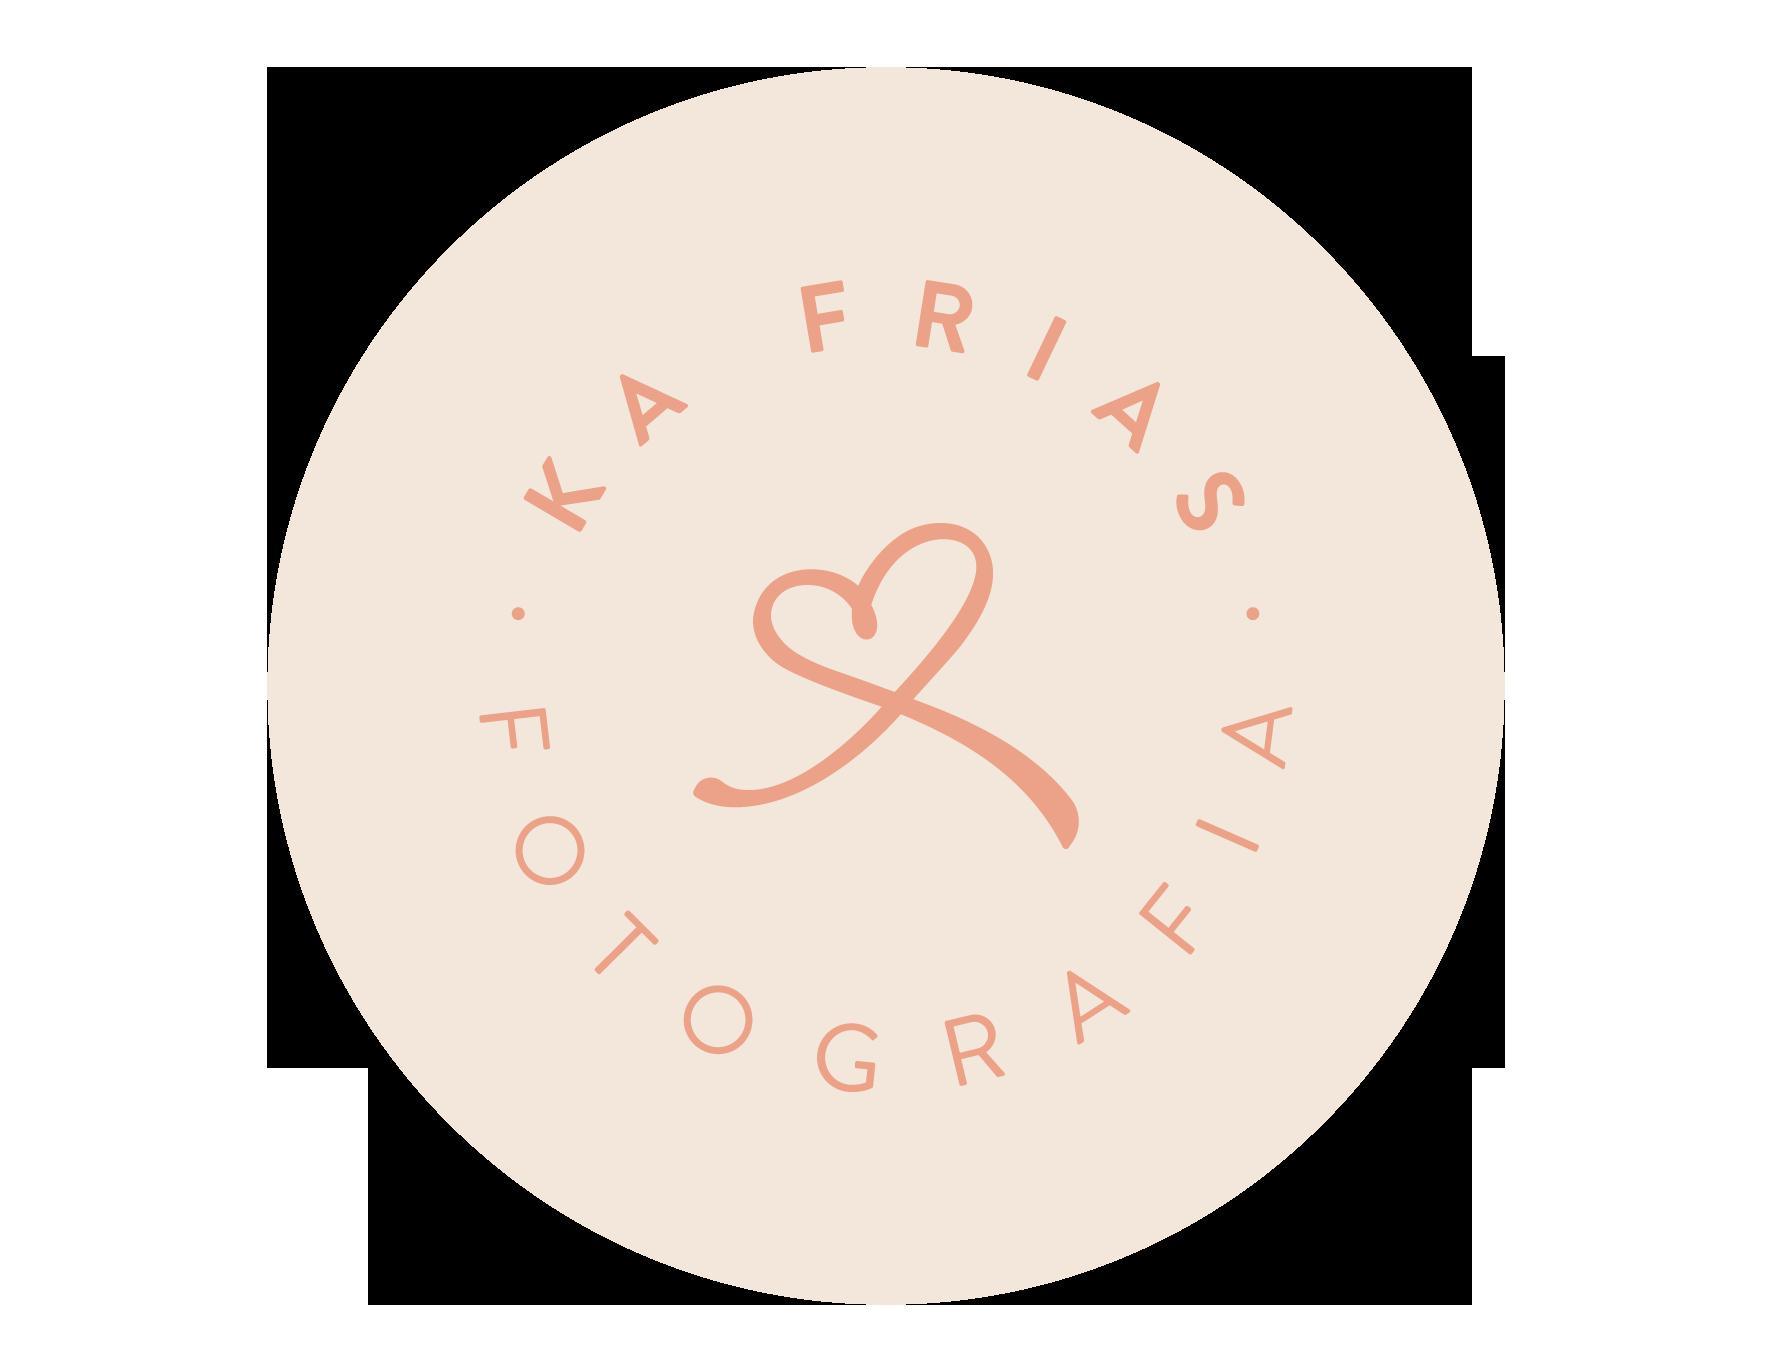 Contate Fotógrafa de Família Ka Frias - Caxias do Sul - RS